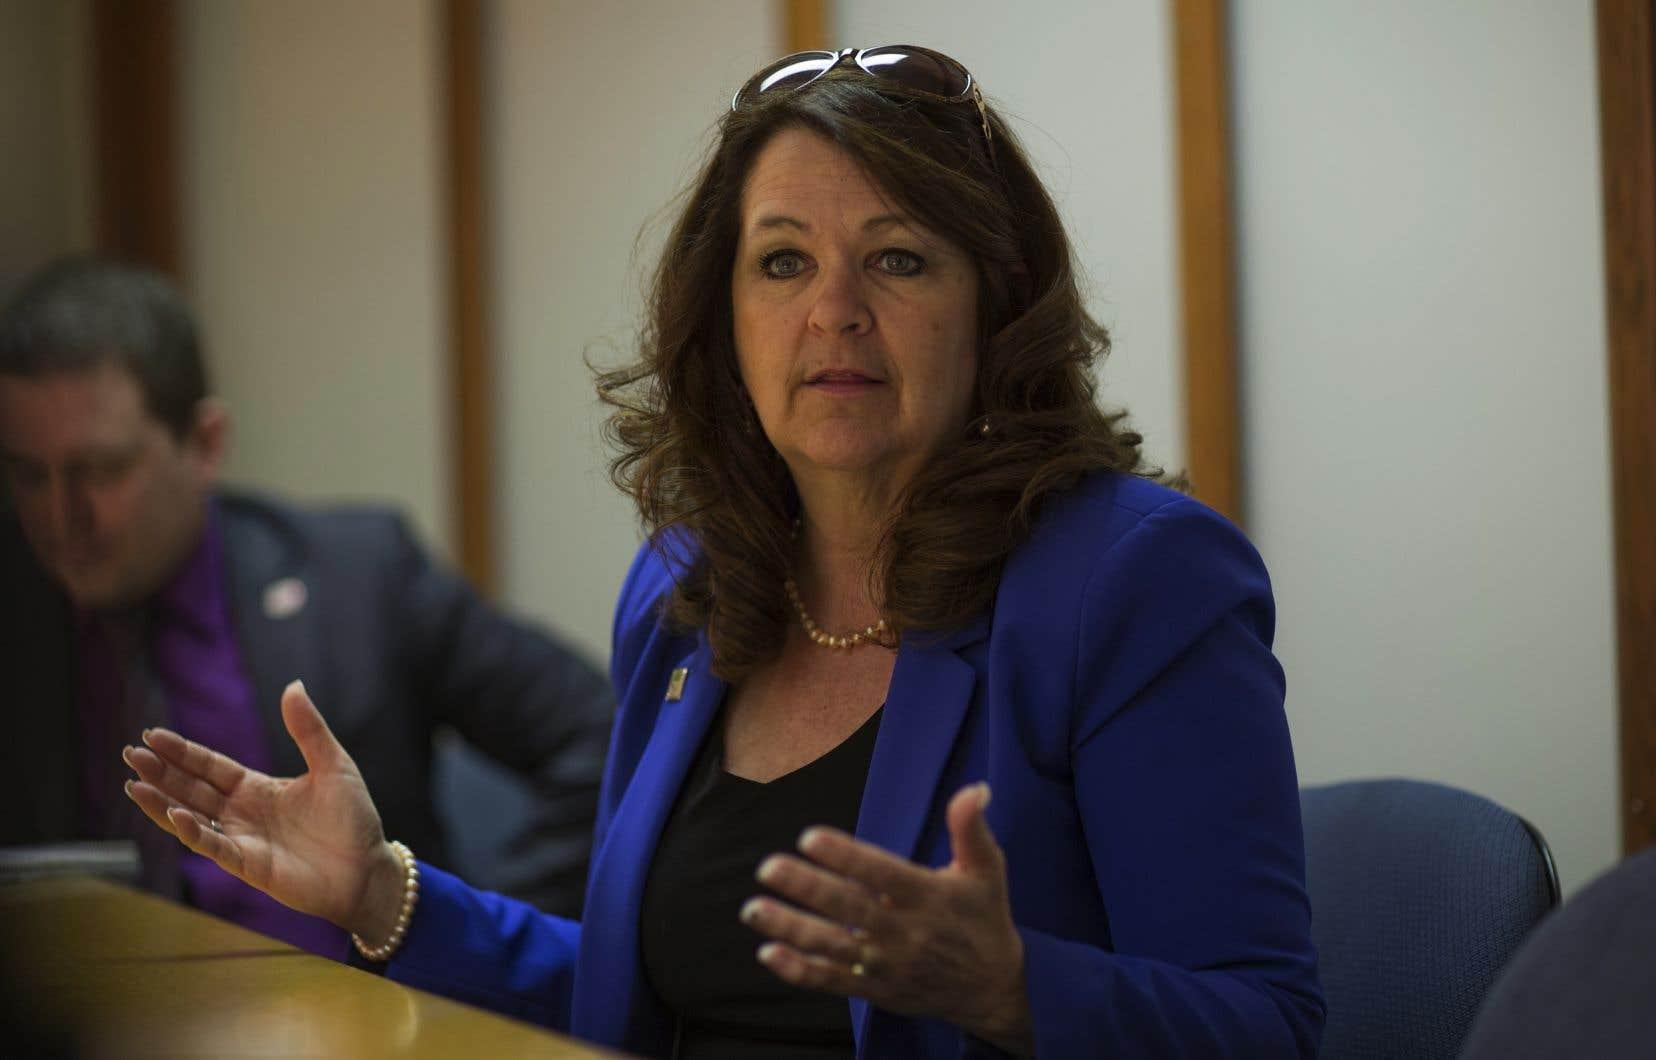 La présidente intérimaire de l'UMQ, Suzanne Roy, entend demander une rencontre afin de discuter du litige en présence du ministre Jean-François Roberge.